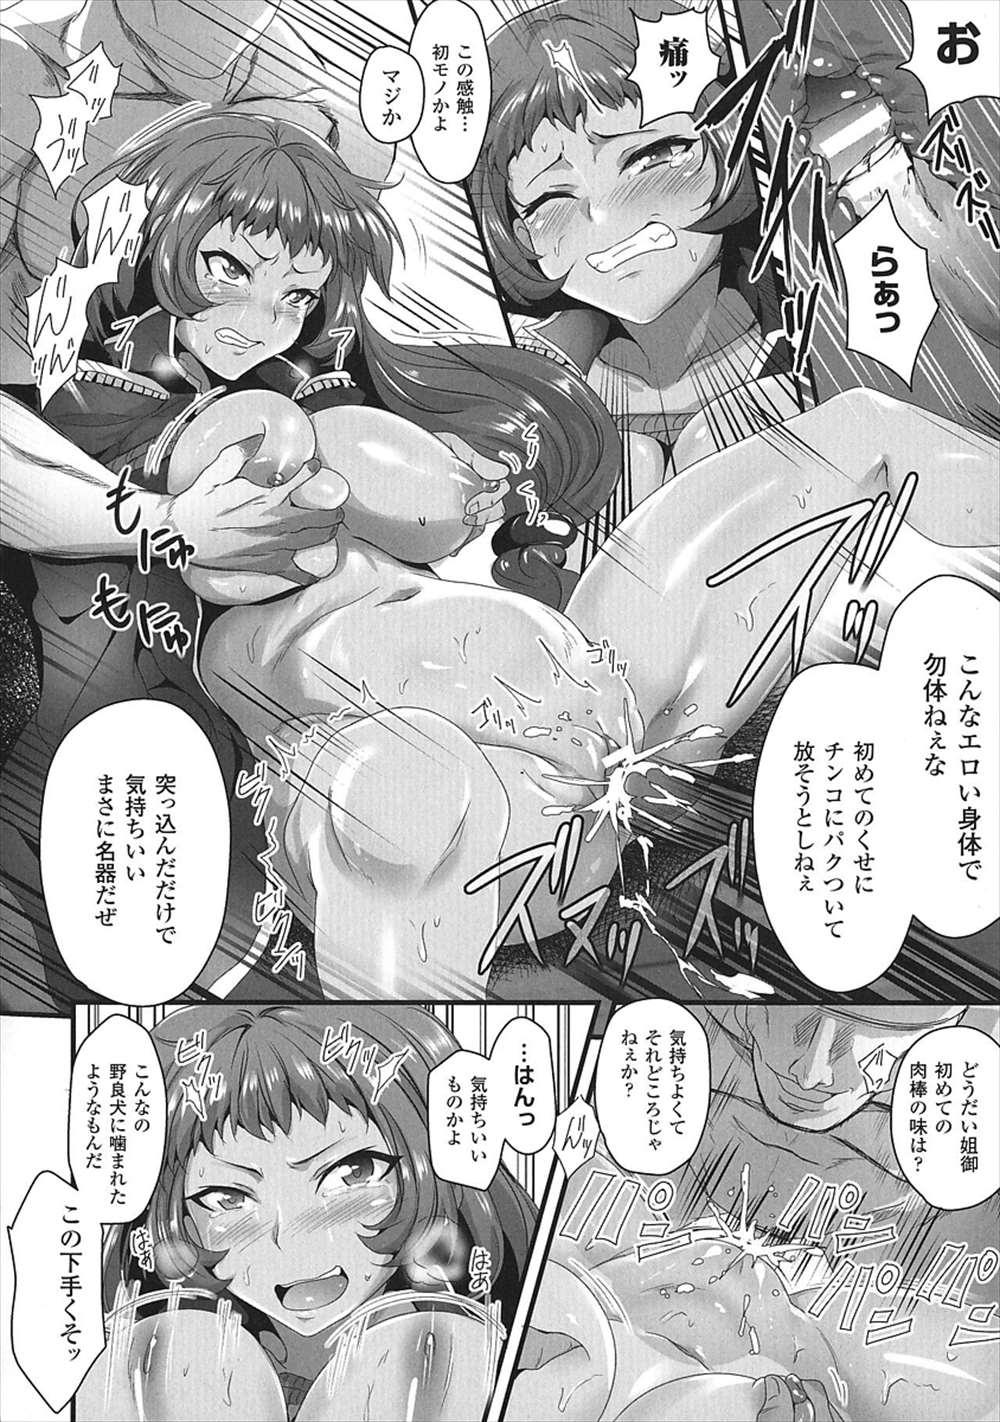 【エロ漫画】女だけの海賊団が拘束されて輪姦乱交レイプ、ザーメンまみれの肉便器にwww